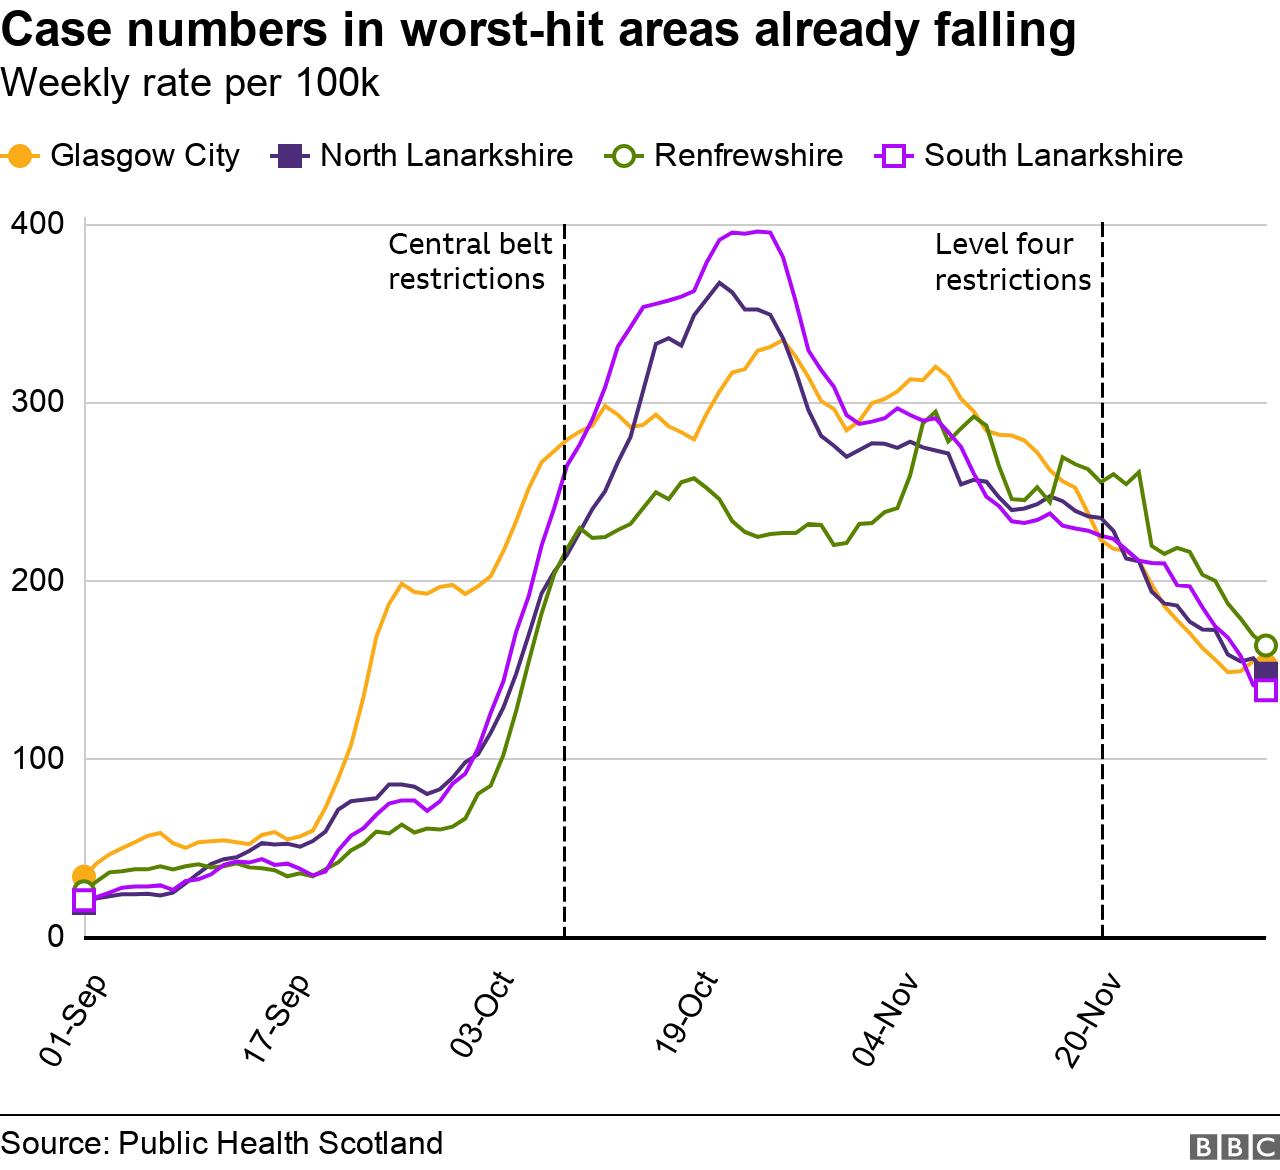 Worst-hit areas